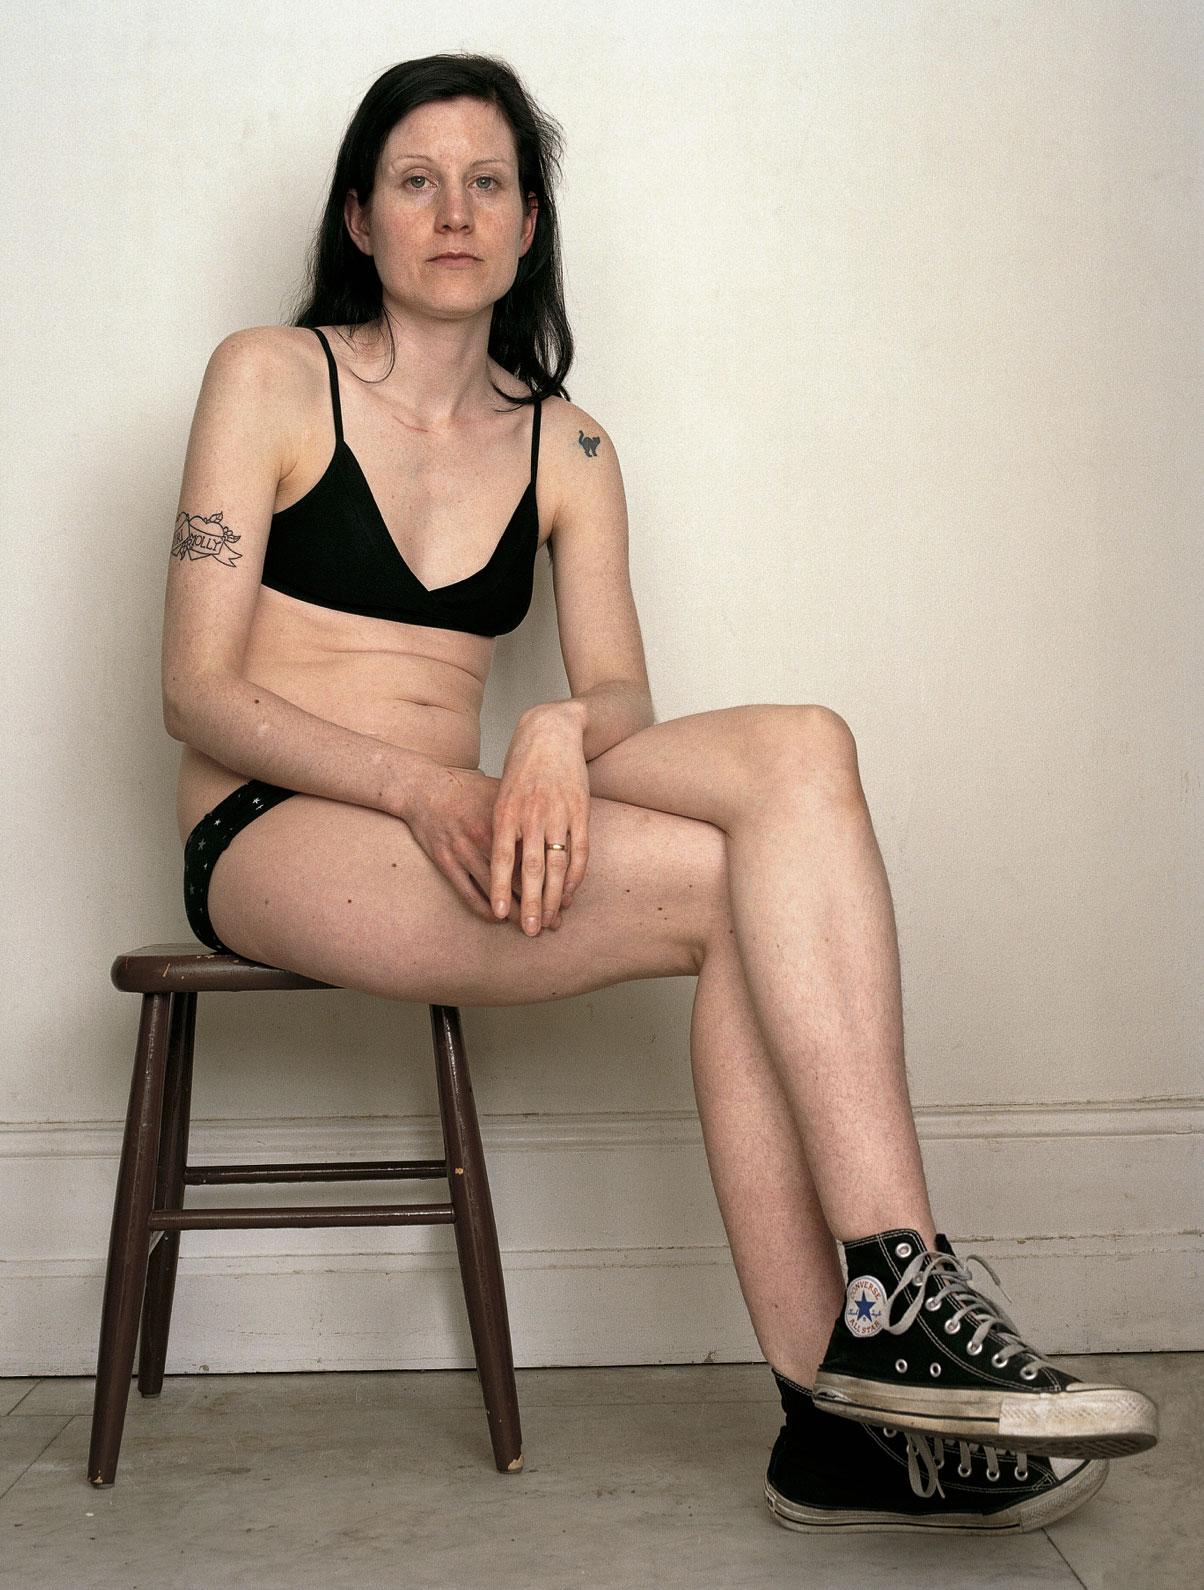 Victoria hemligheter modell naken